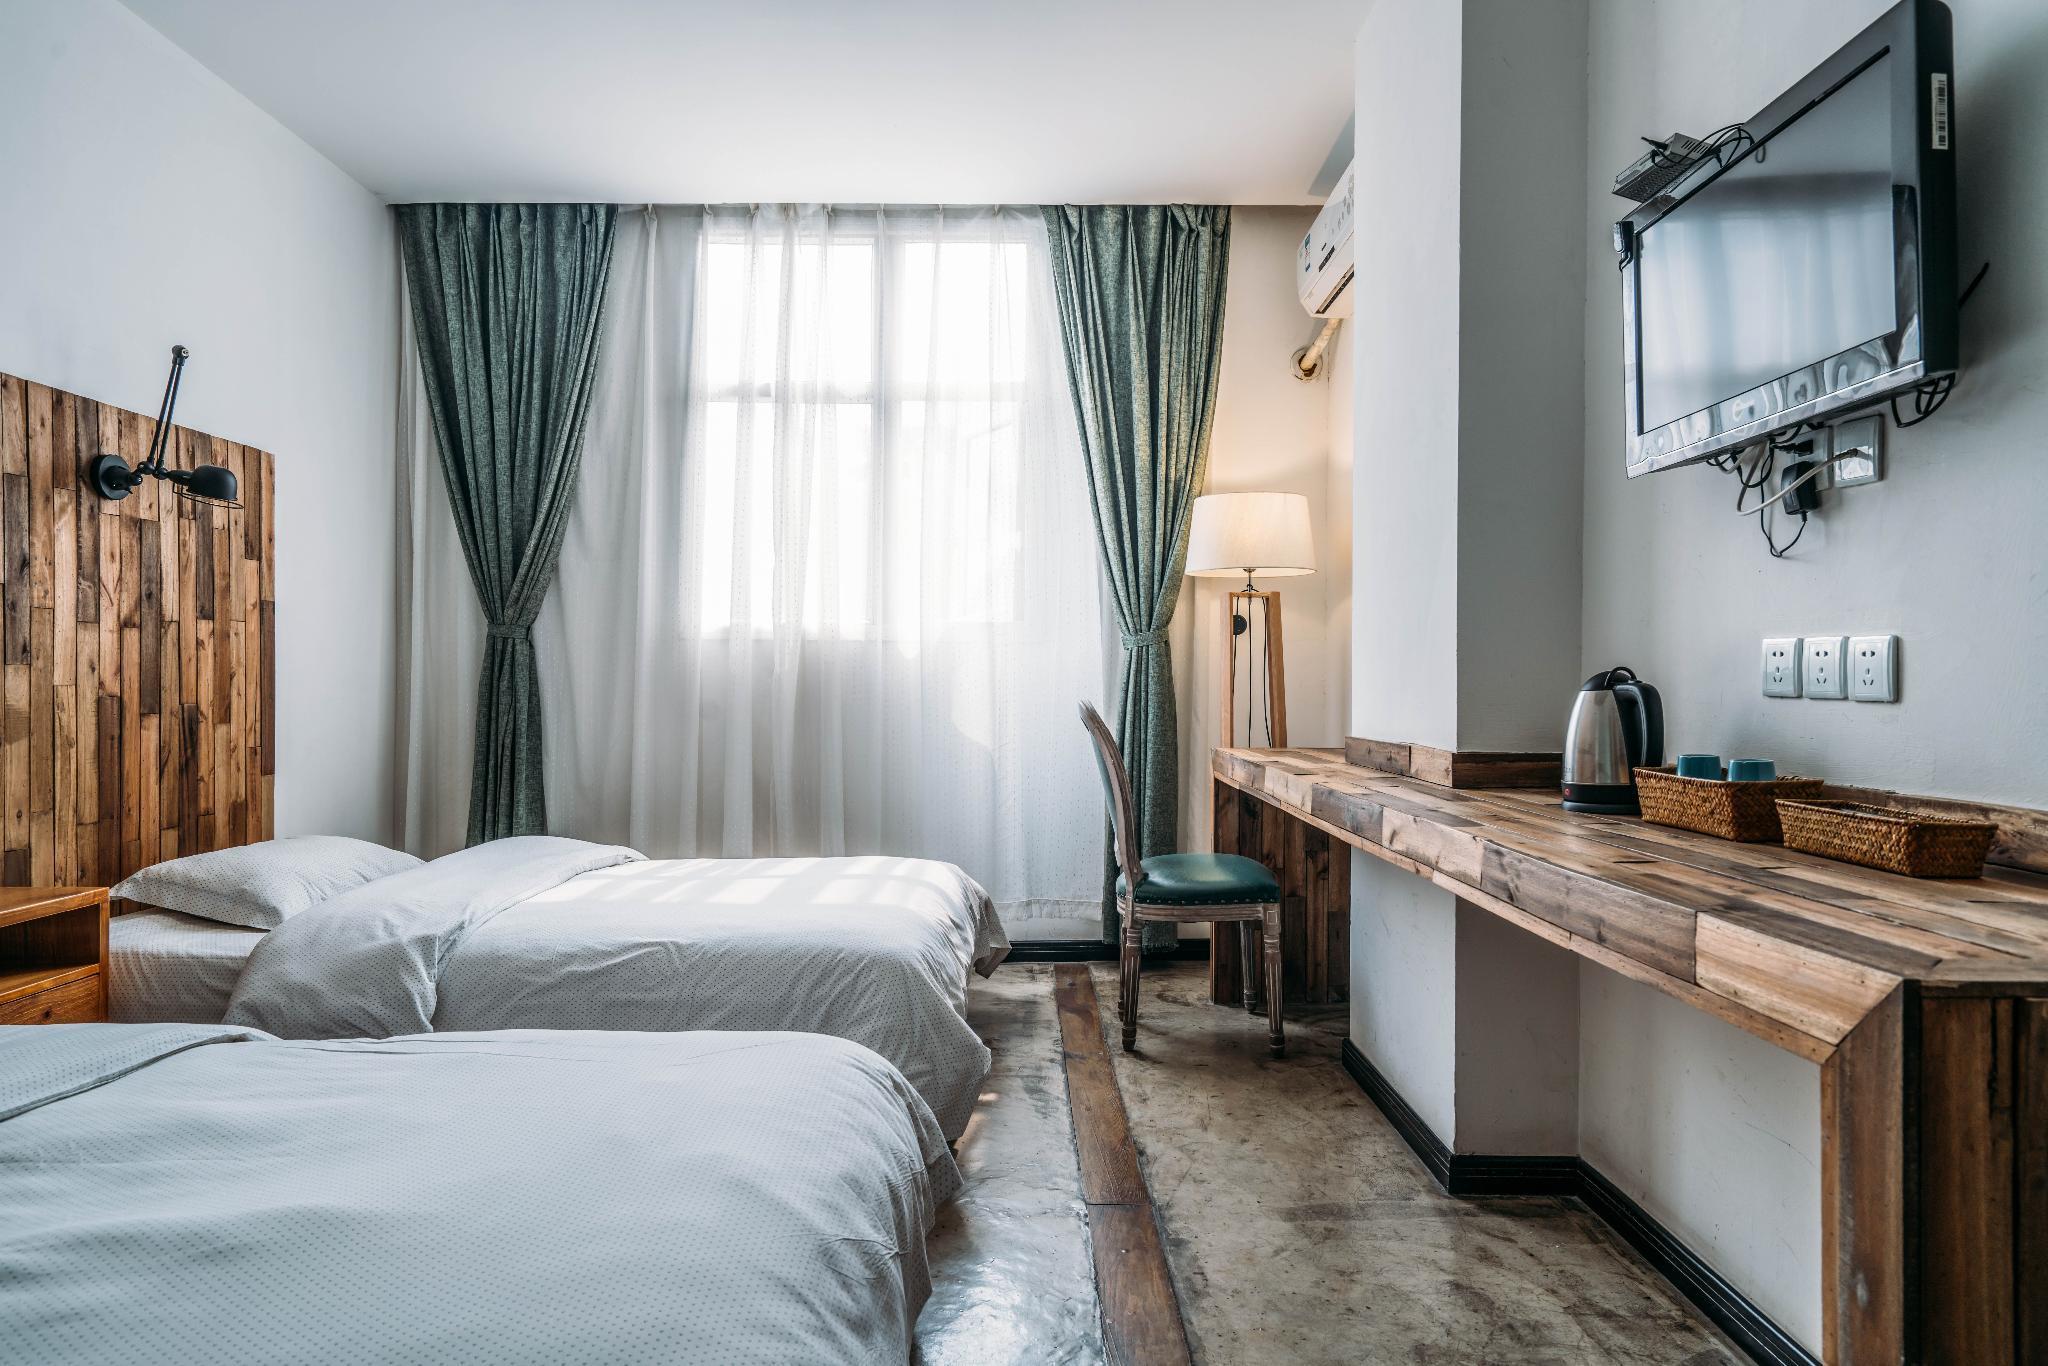 Chengdu Lazybones Hostel Poshpacker Booking Agoda Com Best